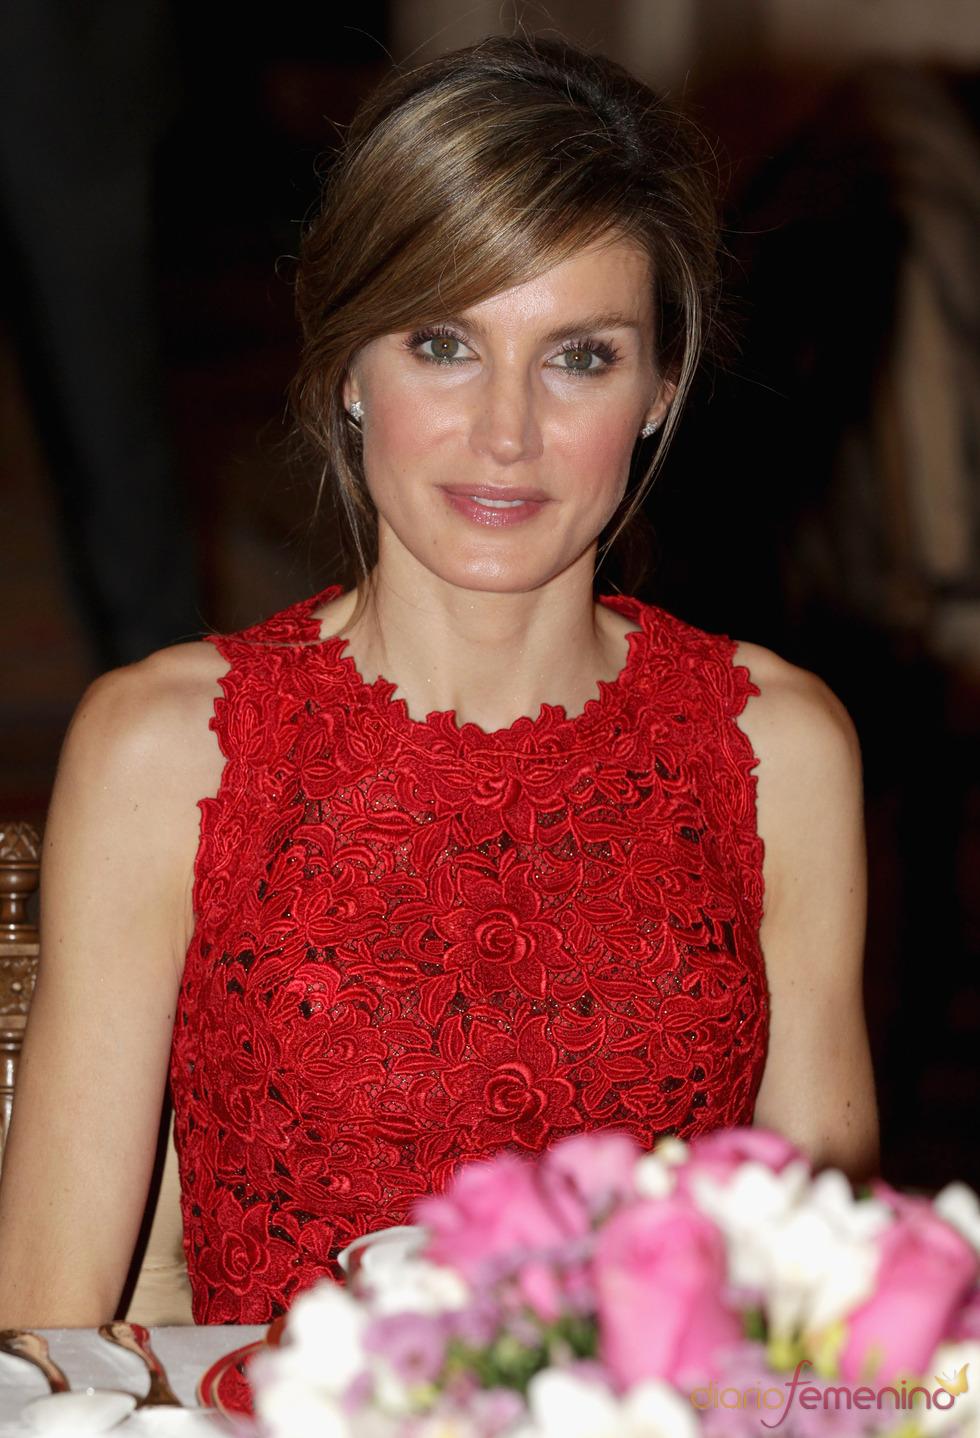 La Princesa Letizia en la cena de gala